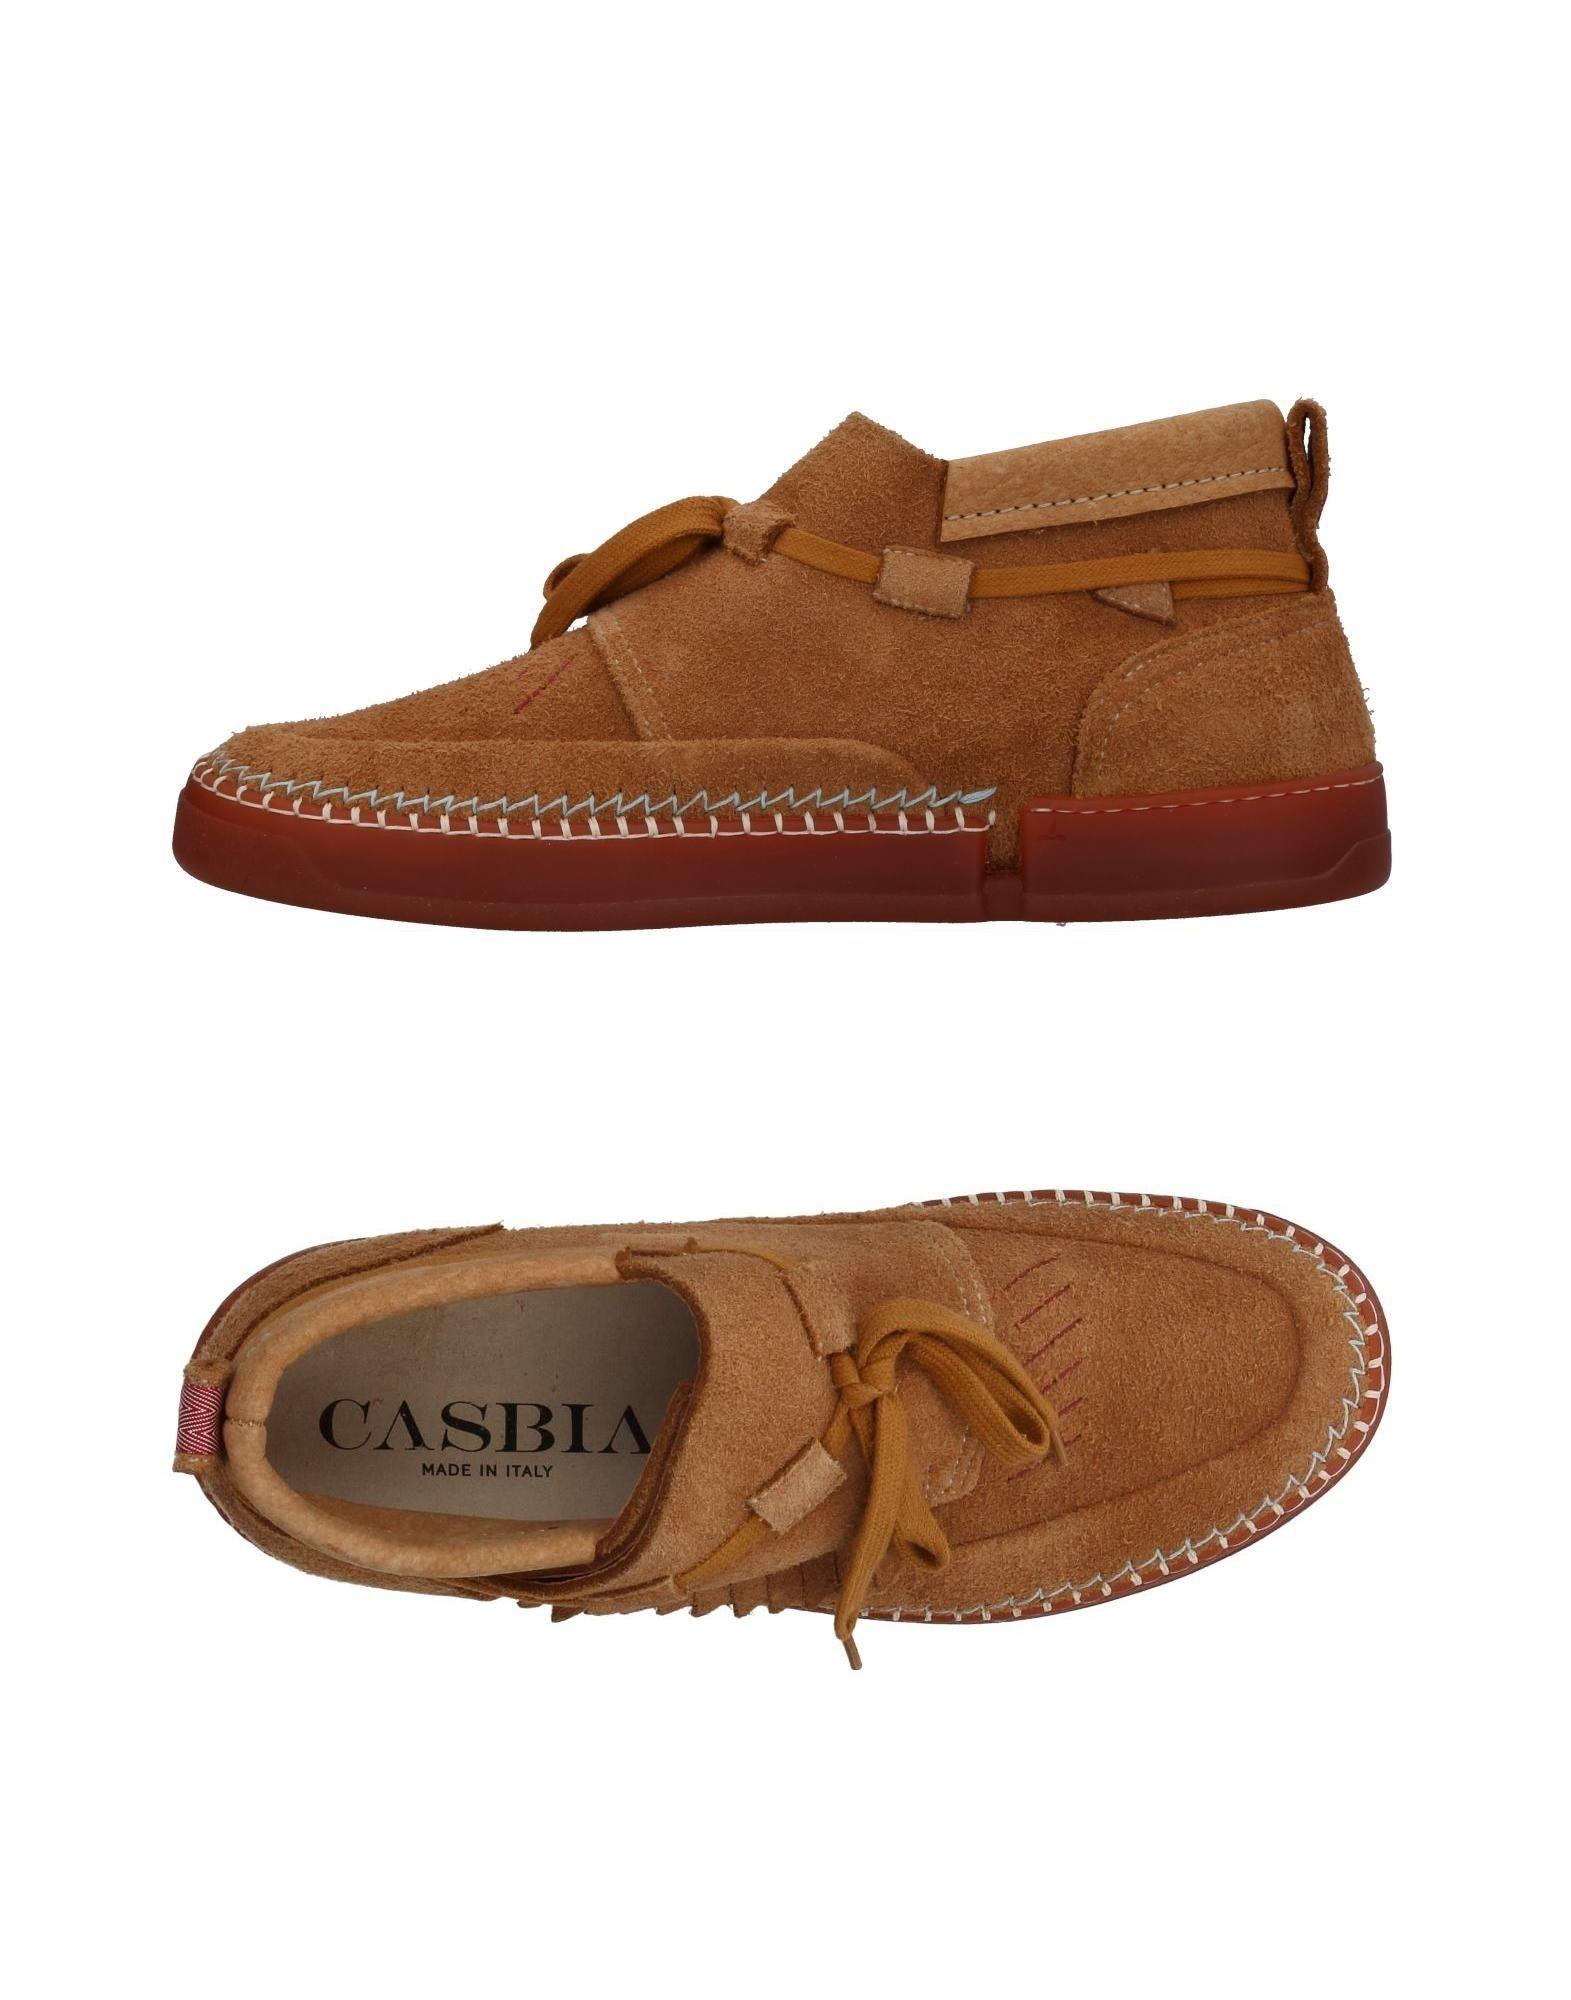 CASBIA Высокие кеды и кроссовки pierre hardy высокие кеды и кроссовки